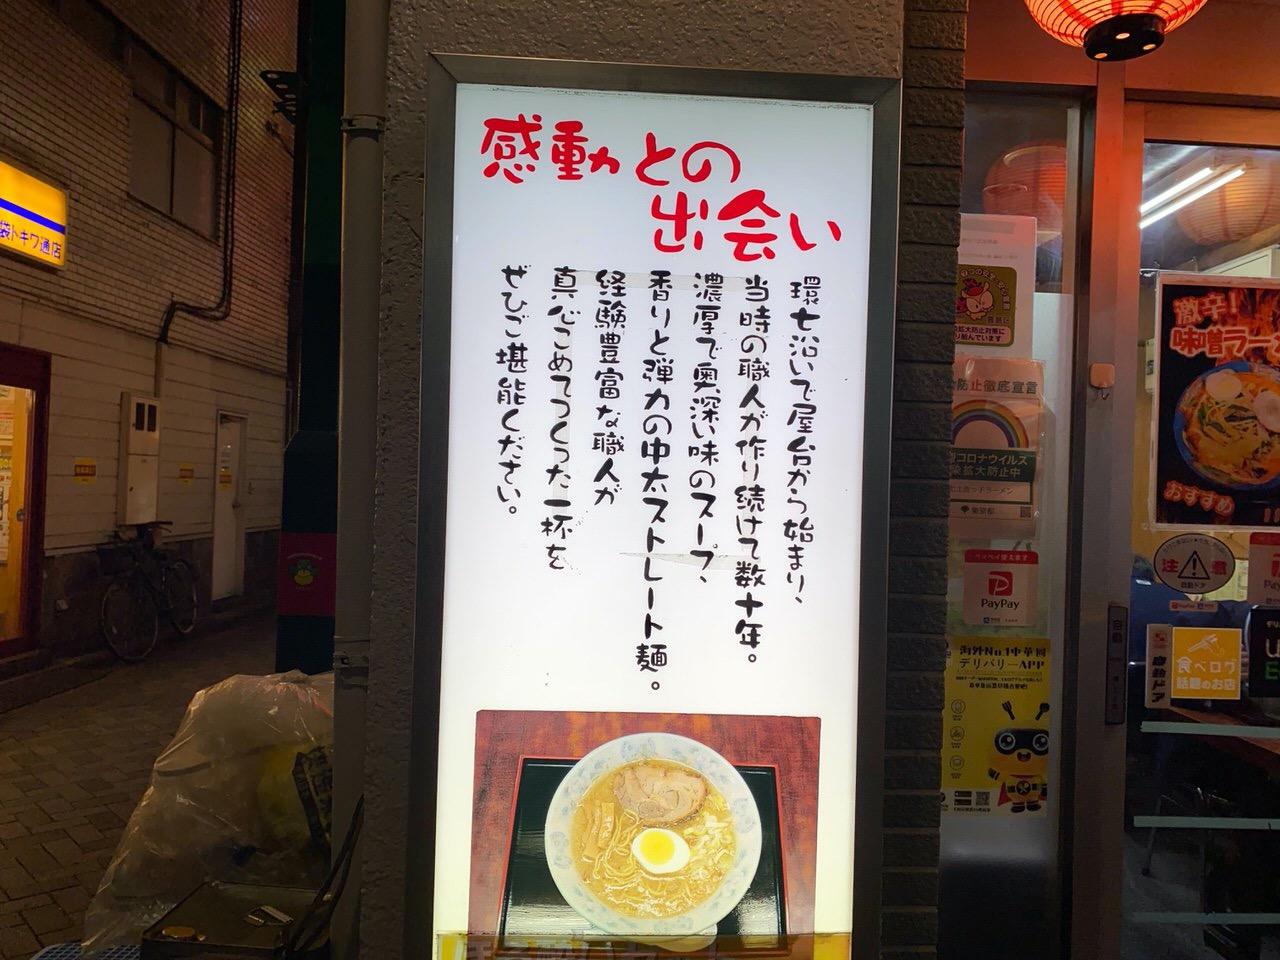 「環七土佐っ子ラーメン」(池袋)2